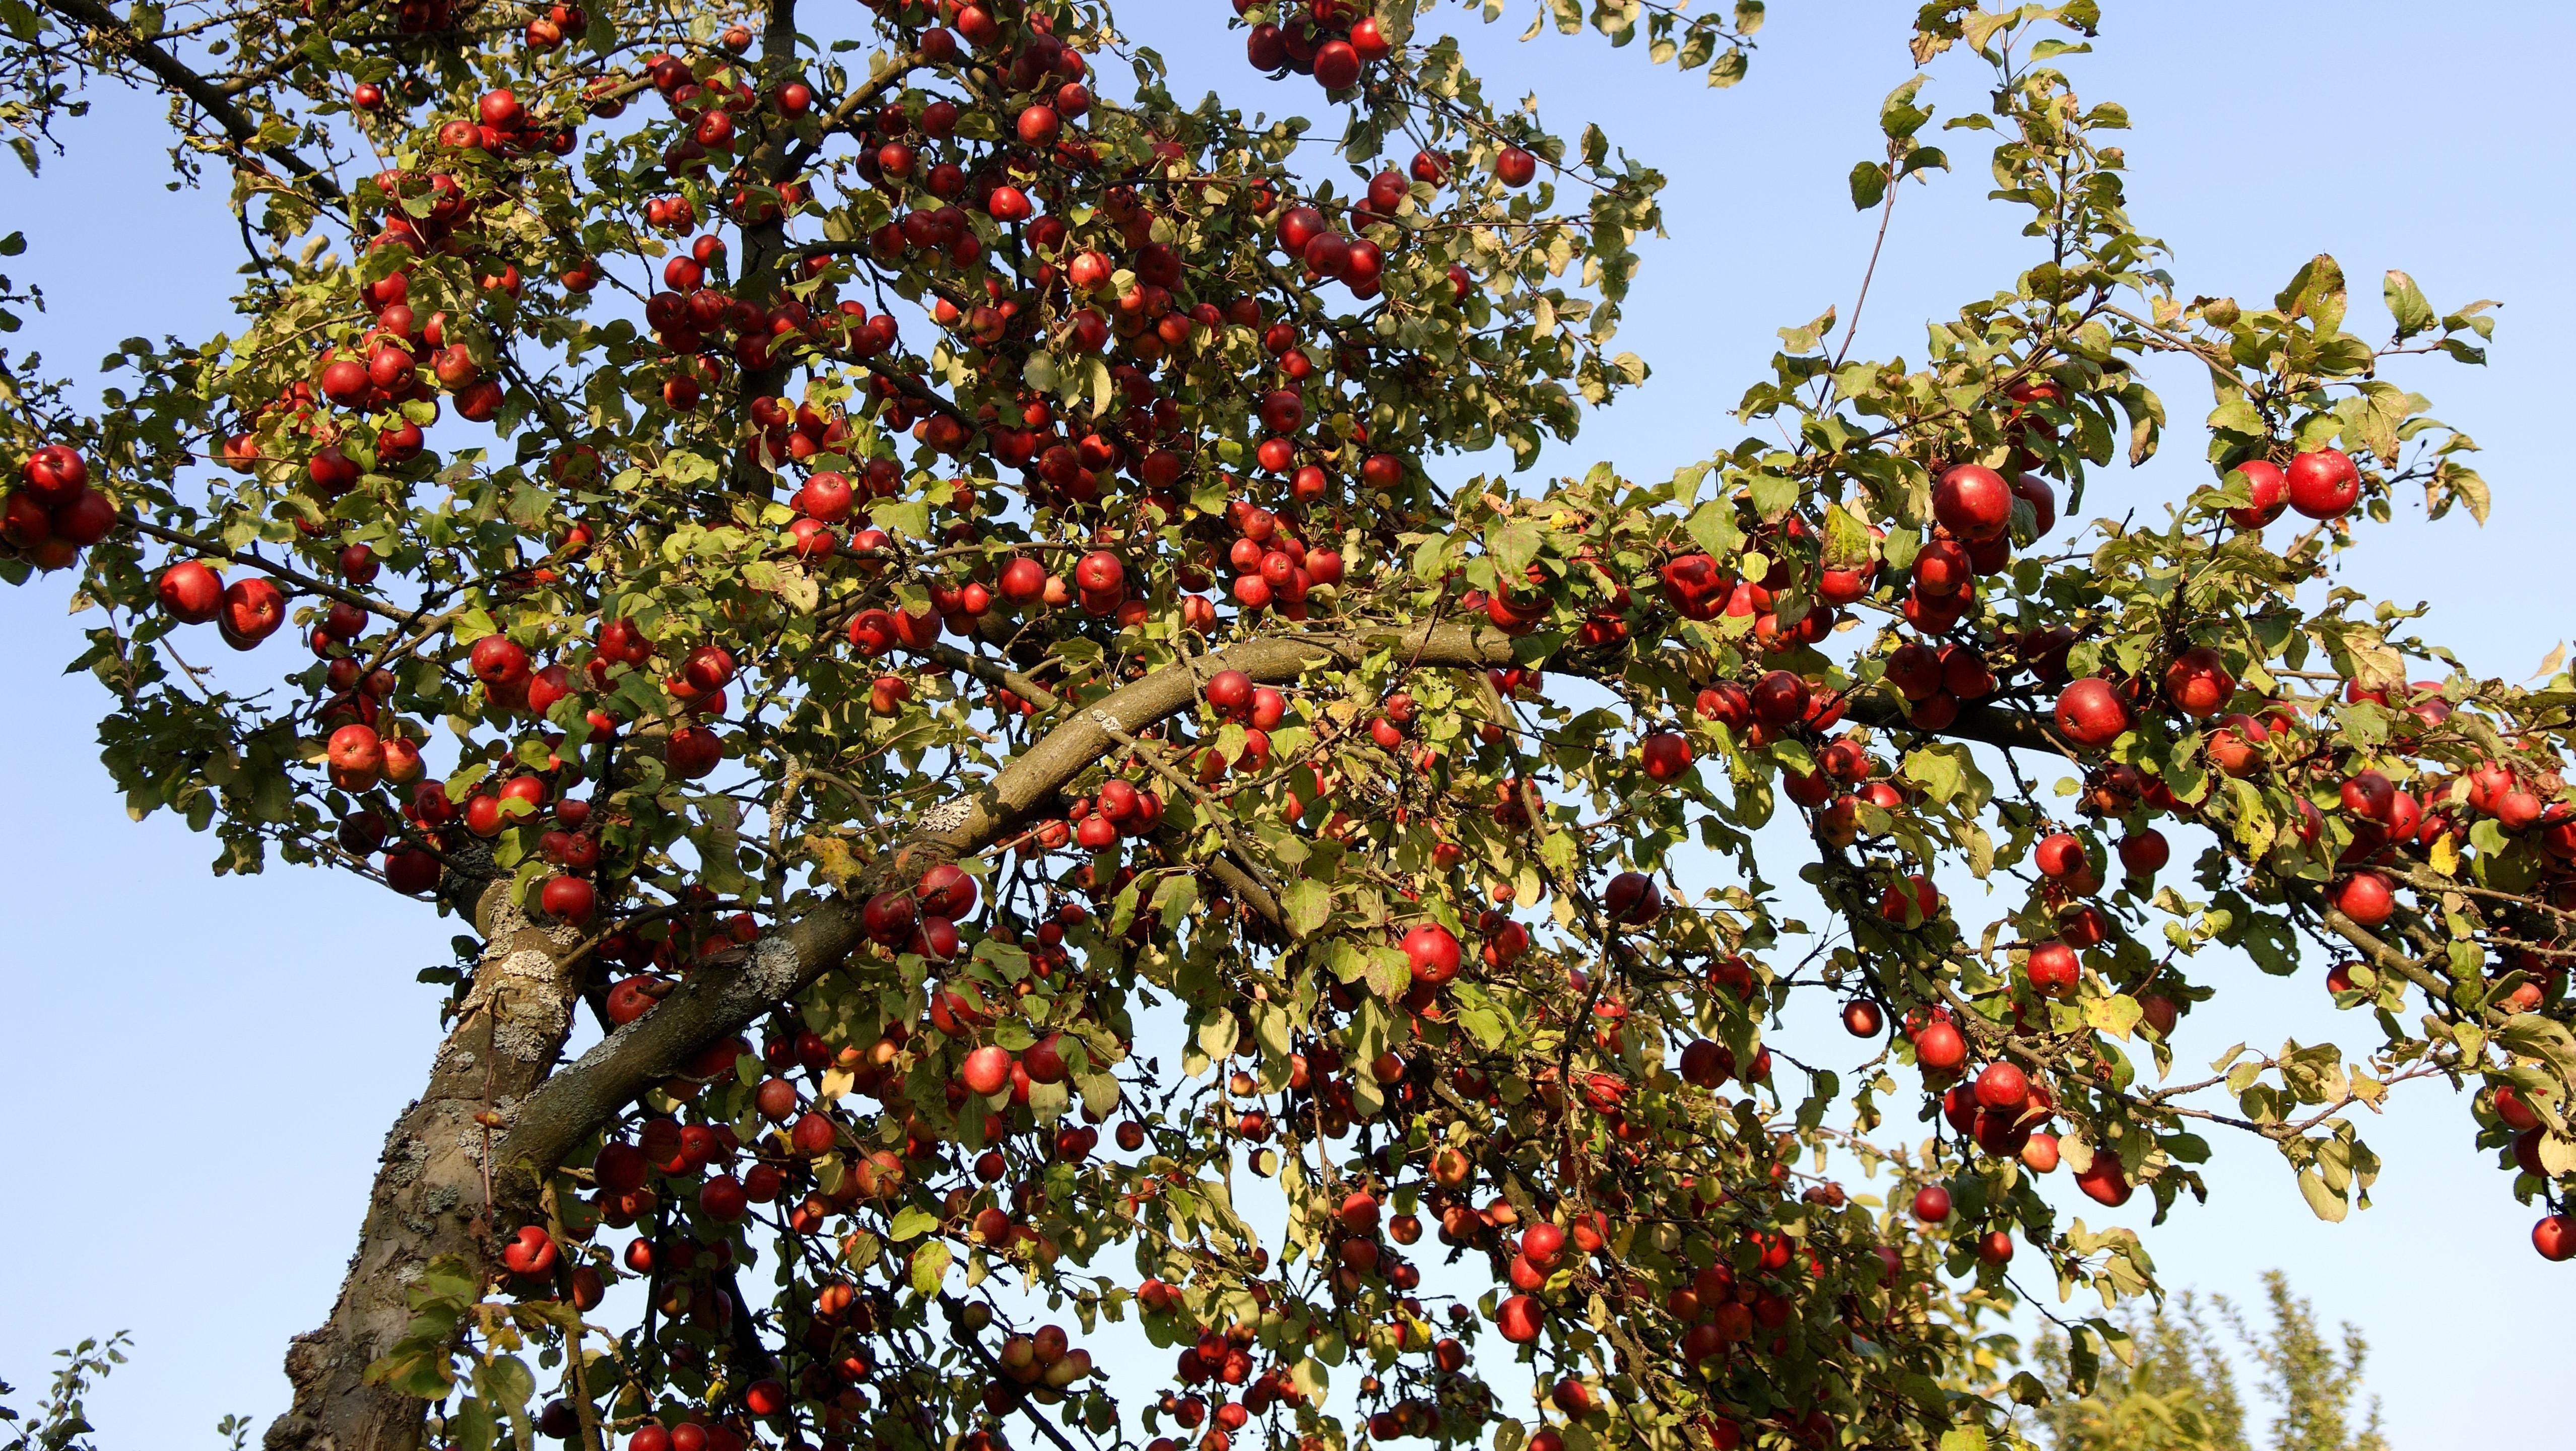 Ein Apfelbaum voller reifer Früchte